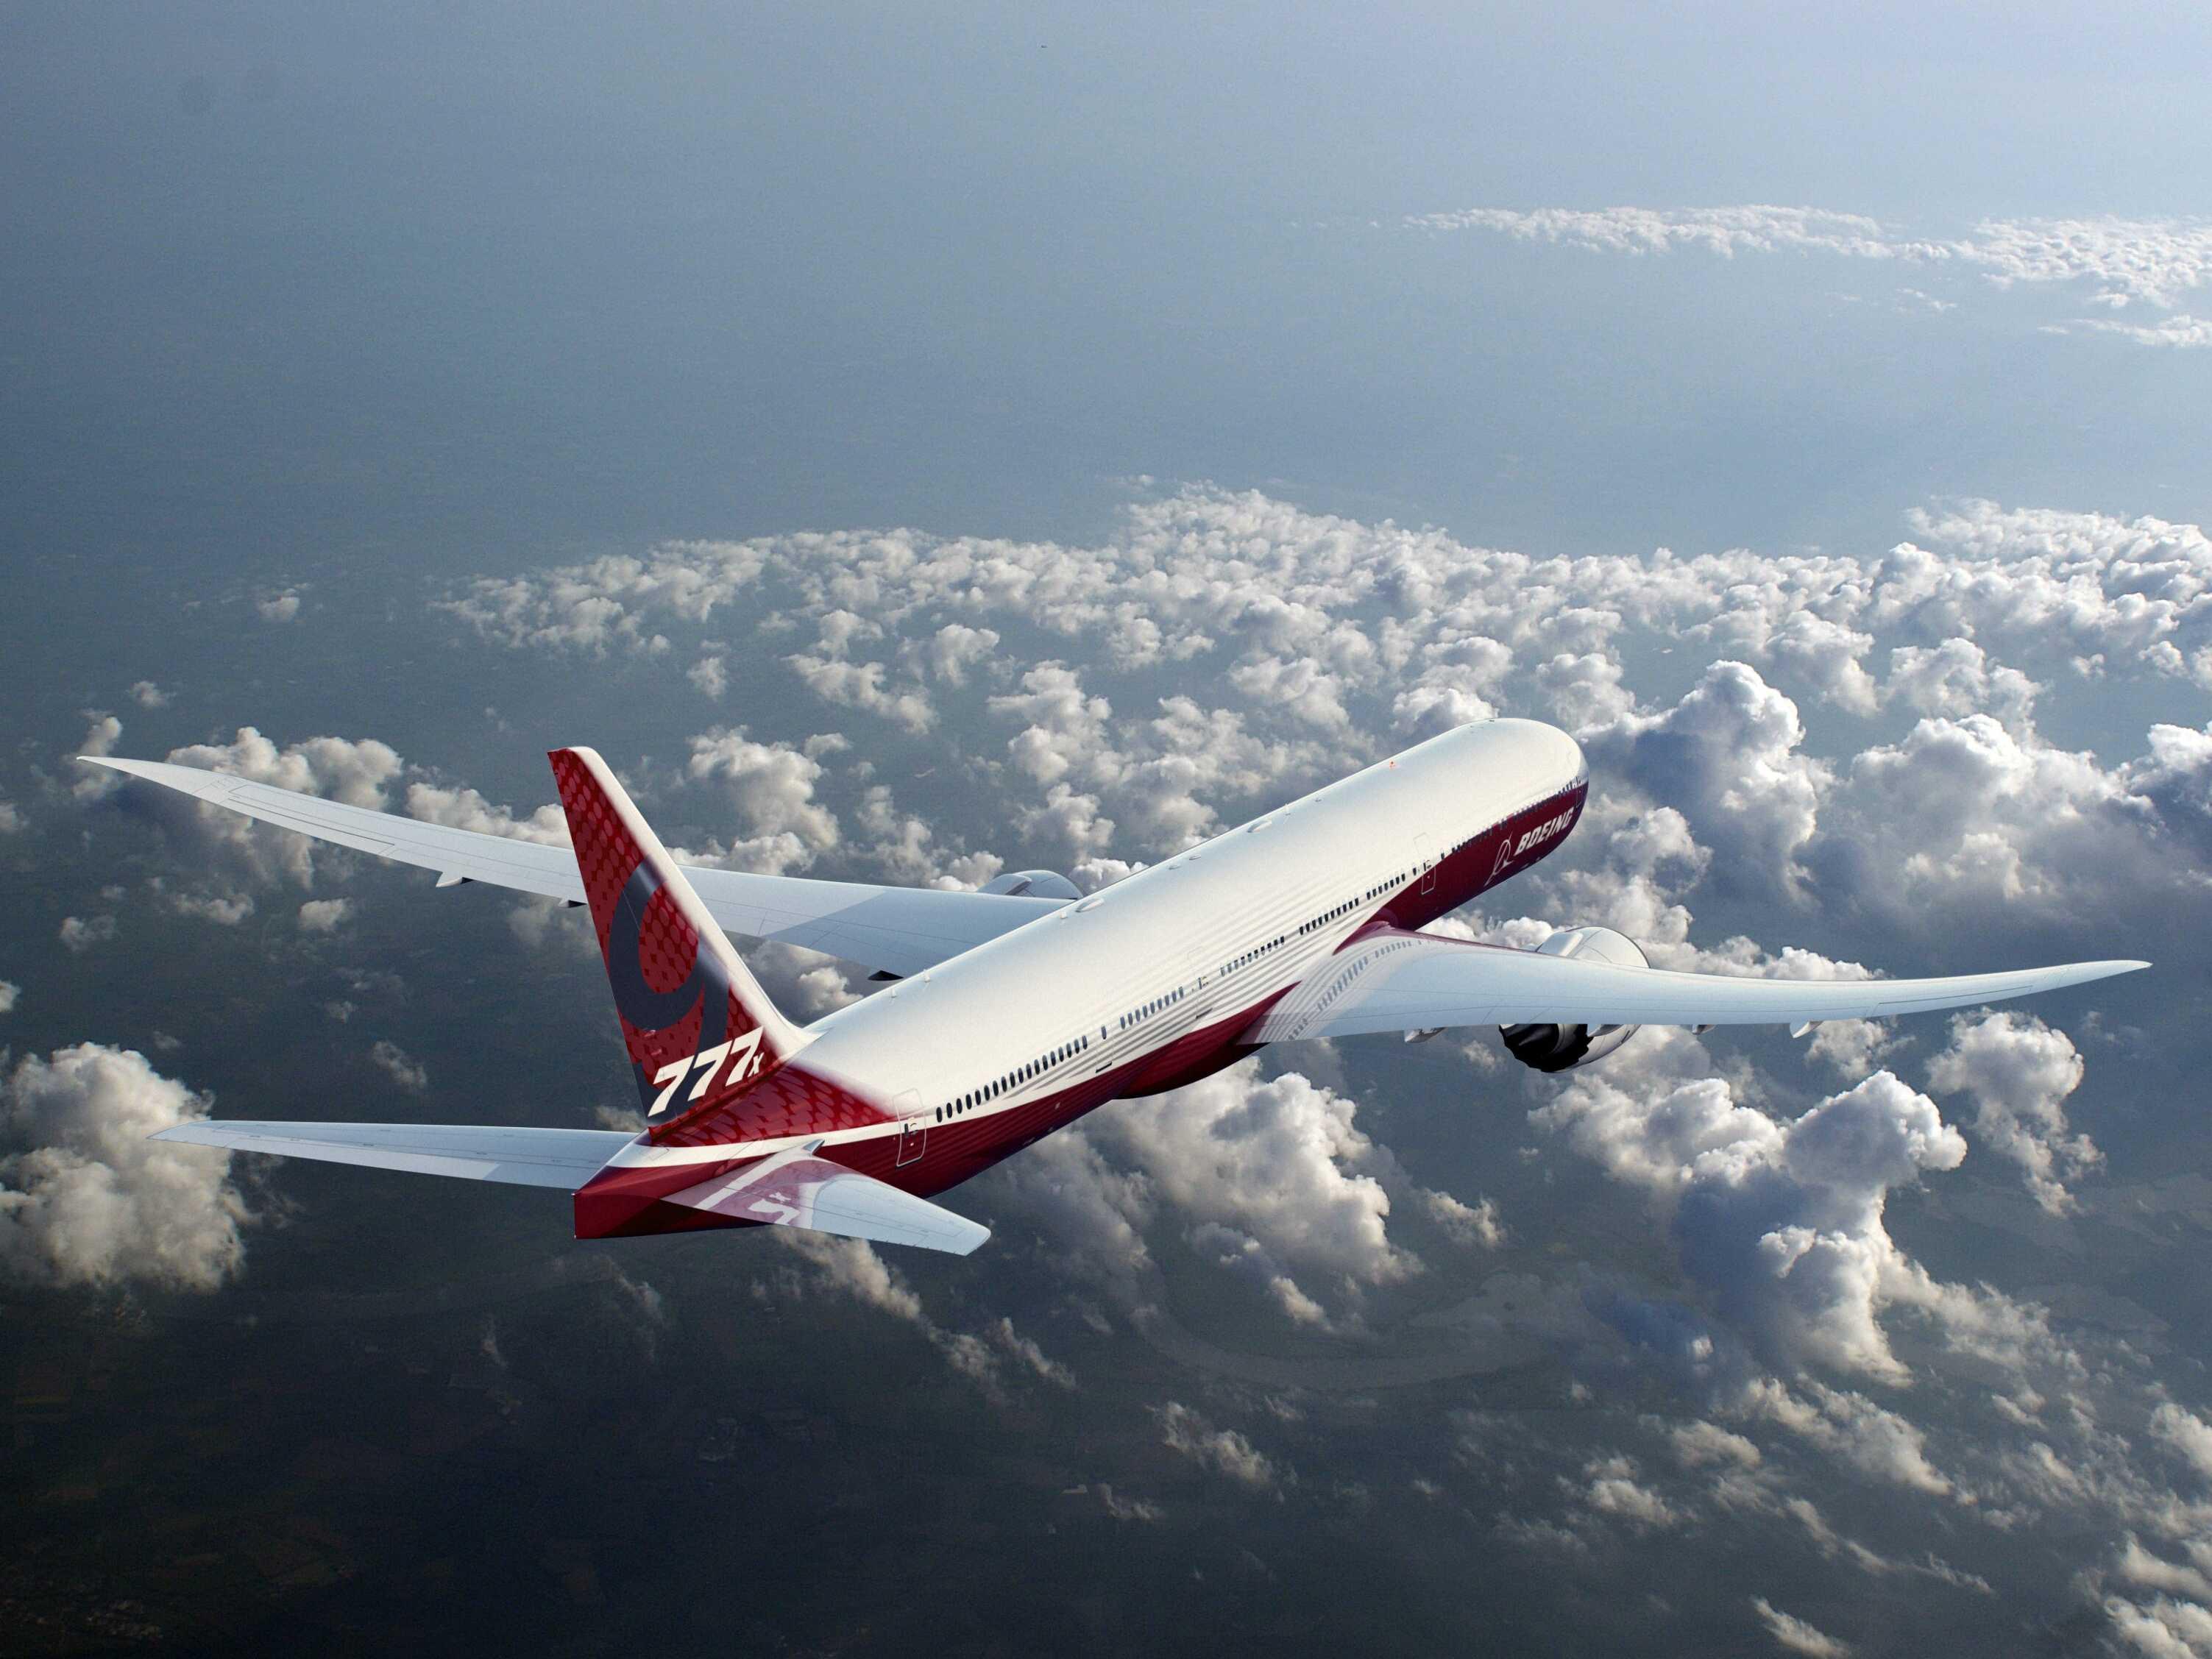 С какой скоростью летают самолеты гражданской авиации